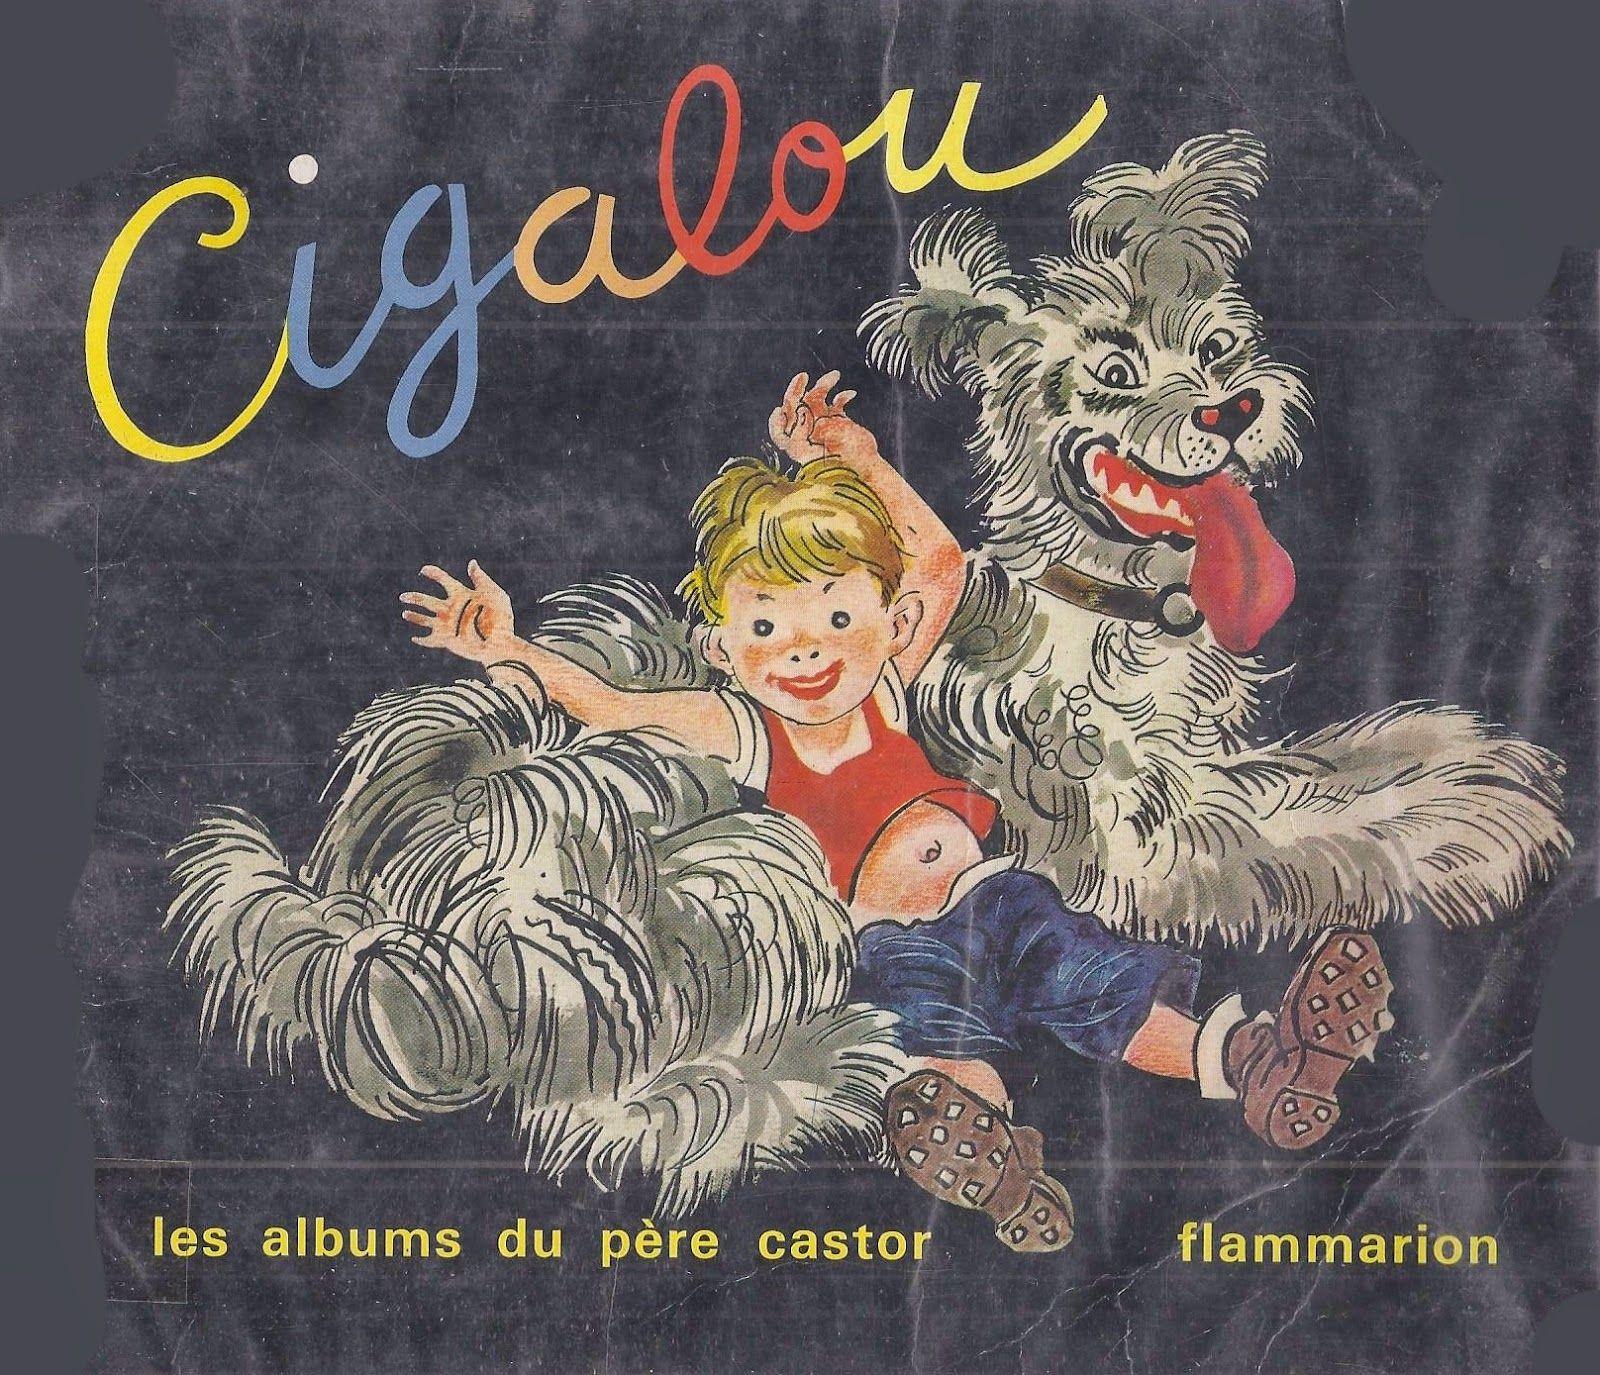 école : références: Cigalou (1950)